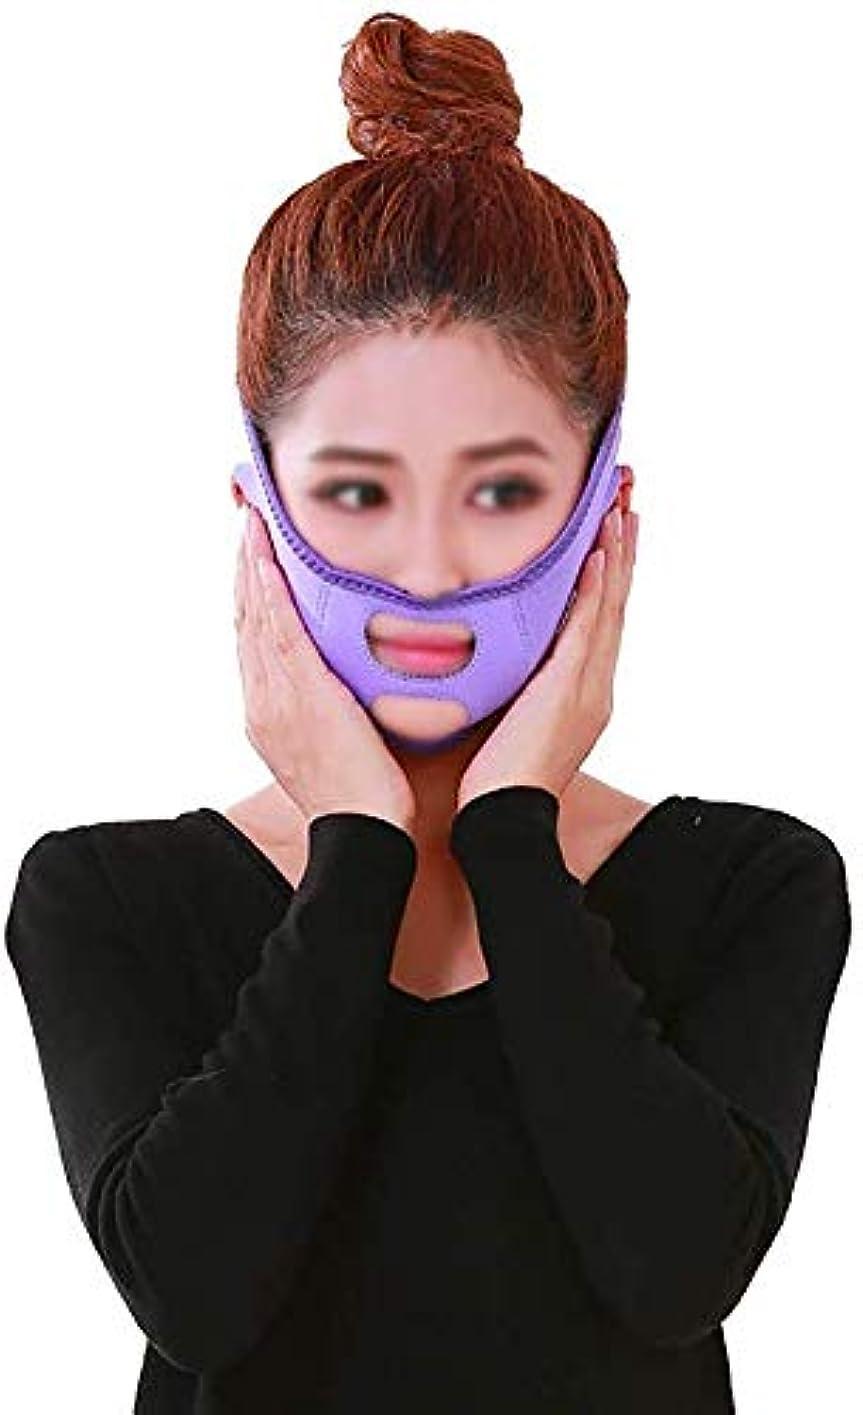 こしょう繁栄シプリー美容と実用的なフェイスリフトフェイシャル、肌のリラクゼーションを防ぐためのタイトなVフェイスマスクVフェイスアーティファクトフェイスリフトバンデージフェイスケア(色:紫)